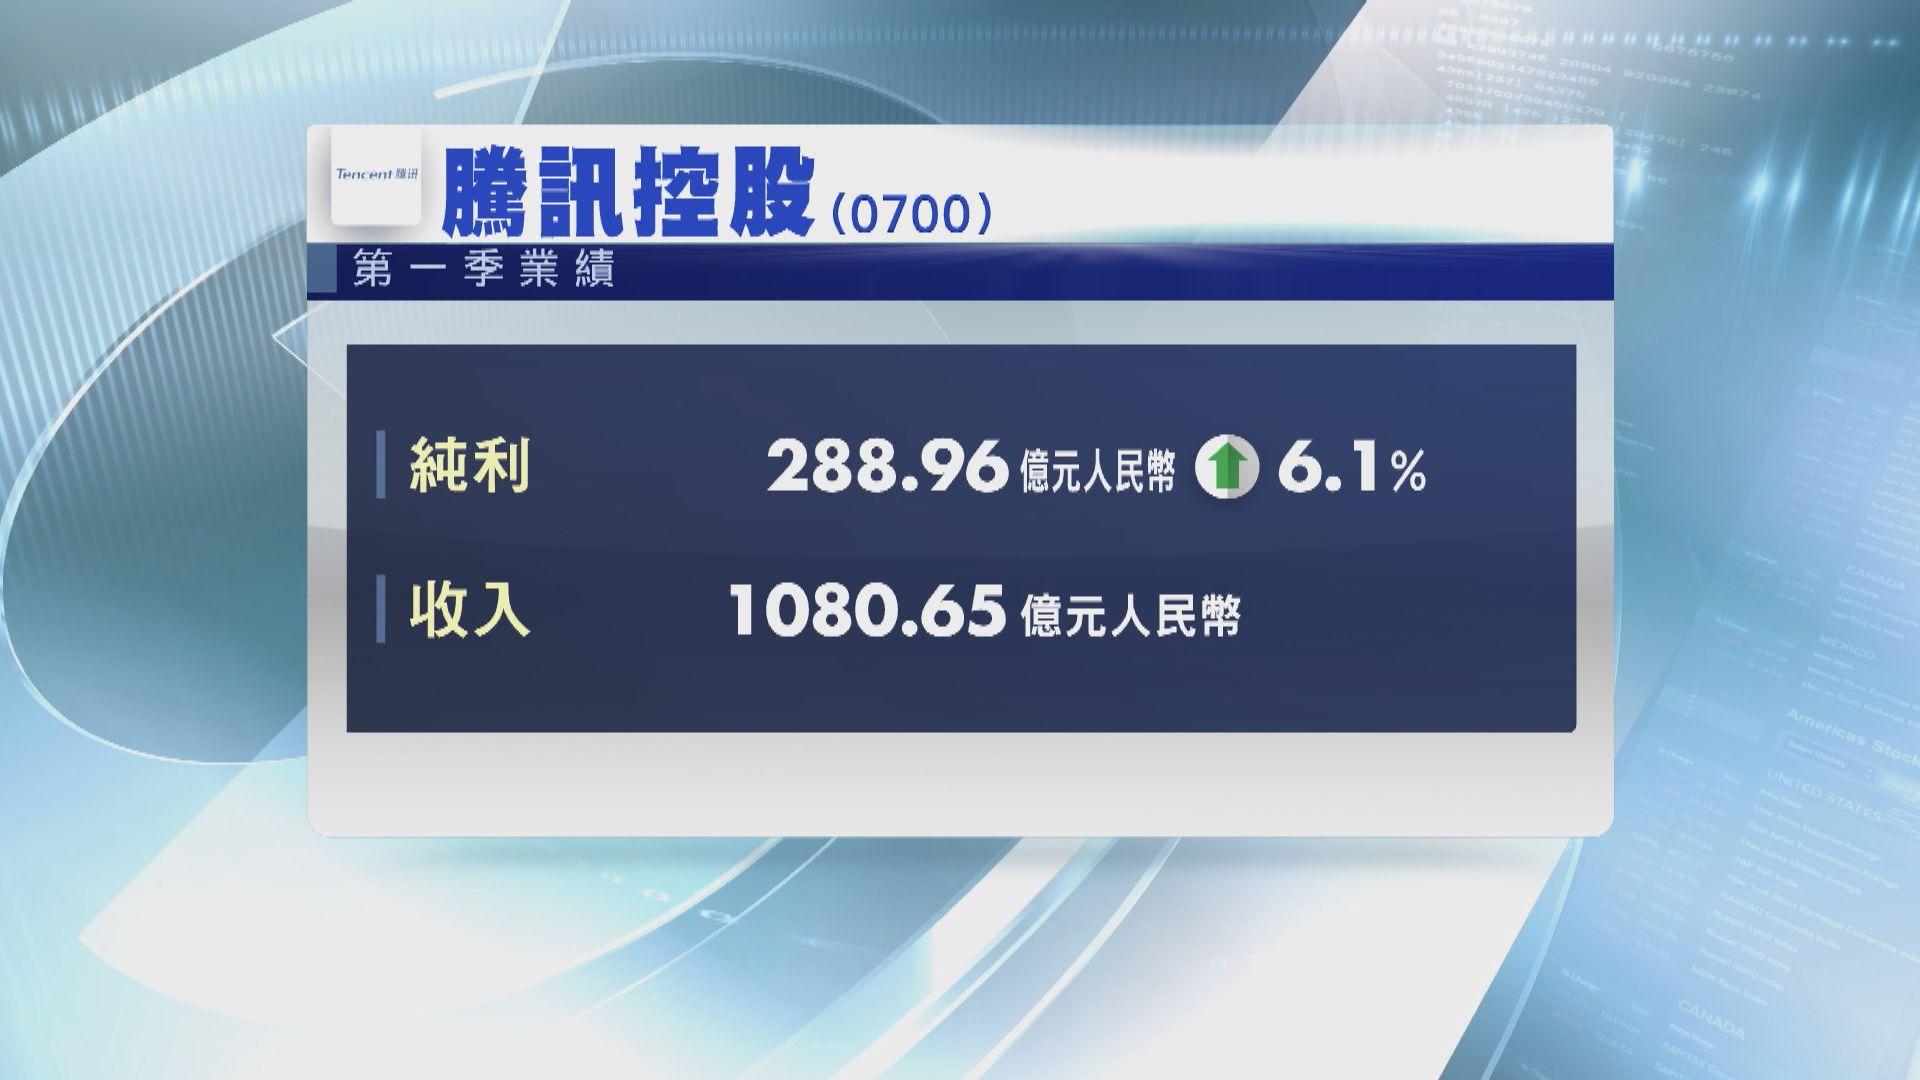 騰訊首季按年多賺逾6%